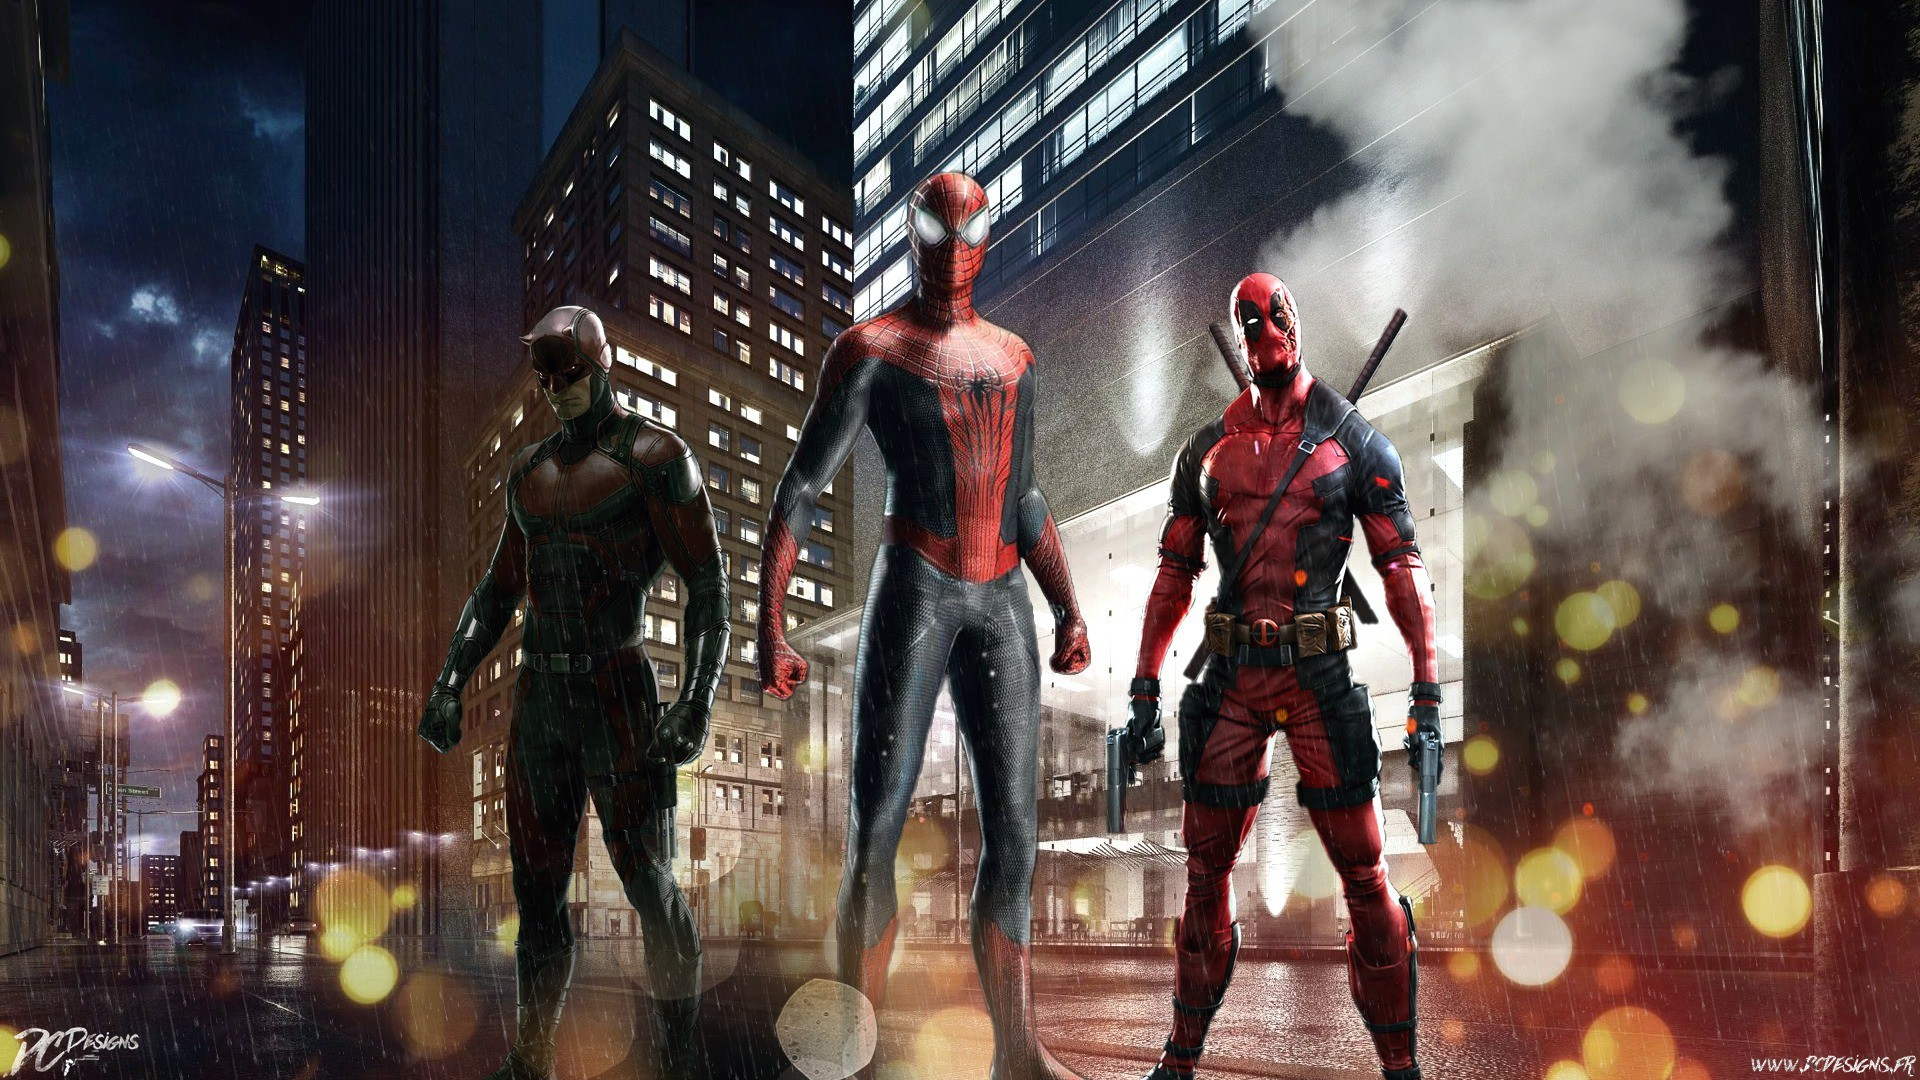 Red team, spider man, deadpool, daredevil wallpaper thumb